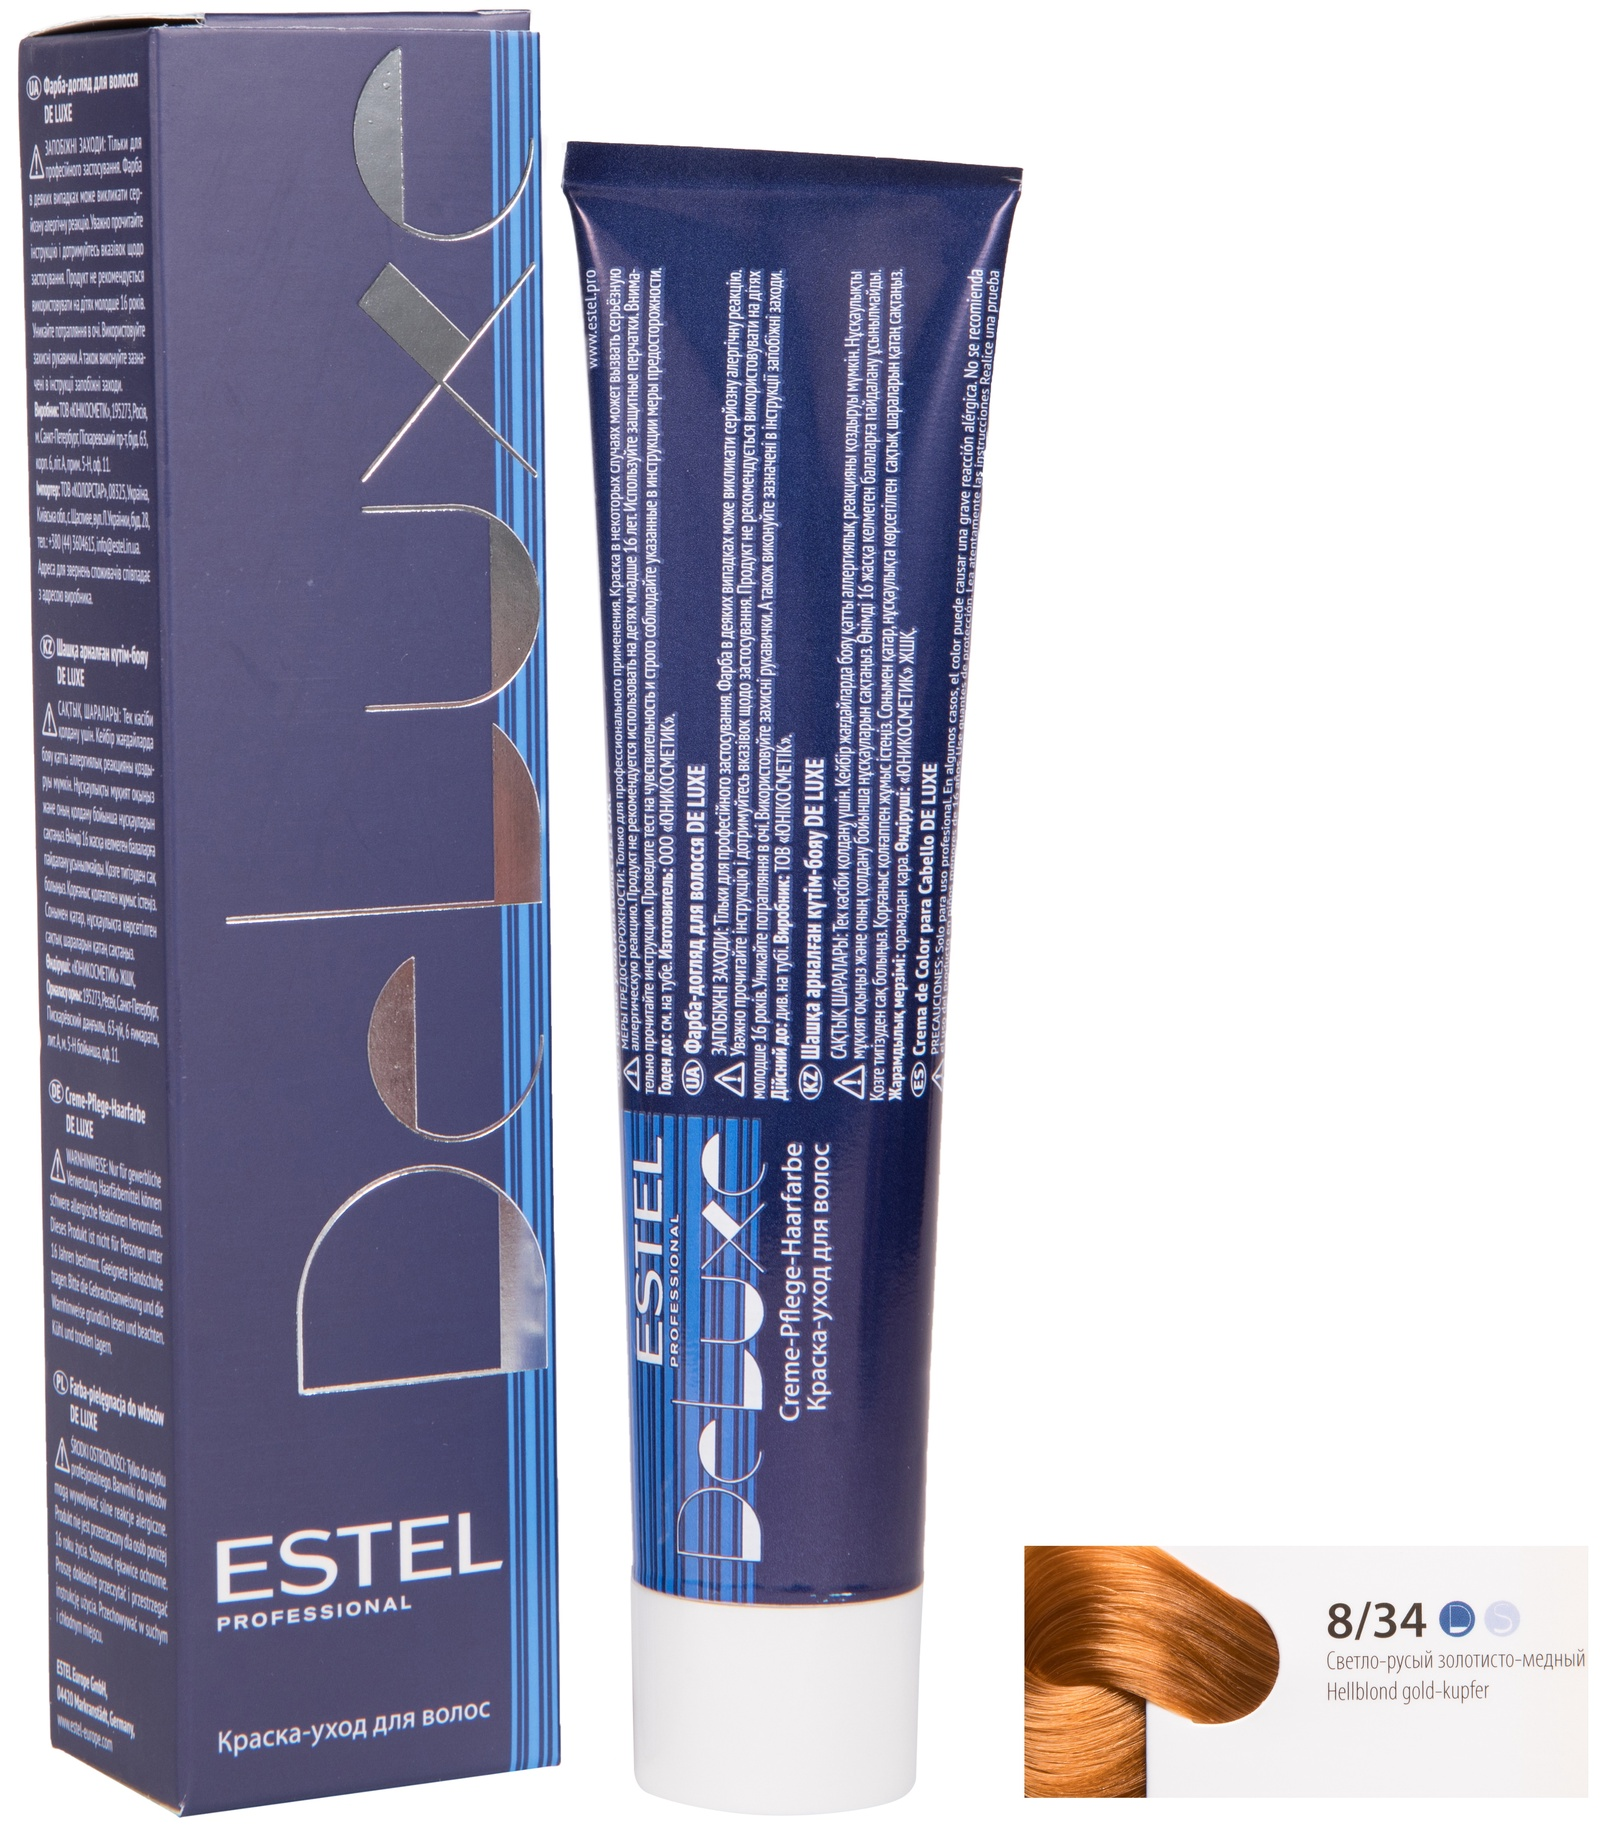 Краска для волос ESTEL PROFESSIONAL 8/34 DE LUXE краска-уход для окрашивания волос, светло-русый золотисто-медный 60 мл estel estel princess essex краска для волос 8 34 светло русый золотисто медный бренди 60 мл